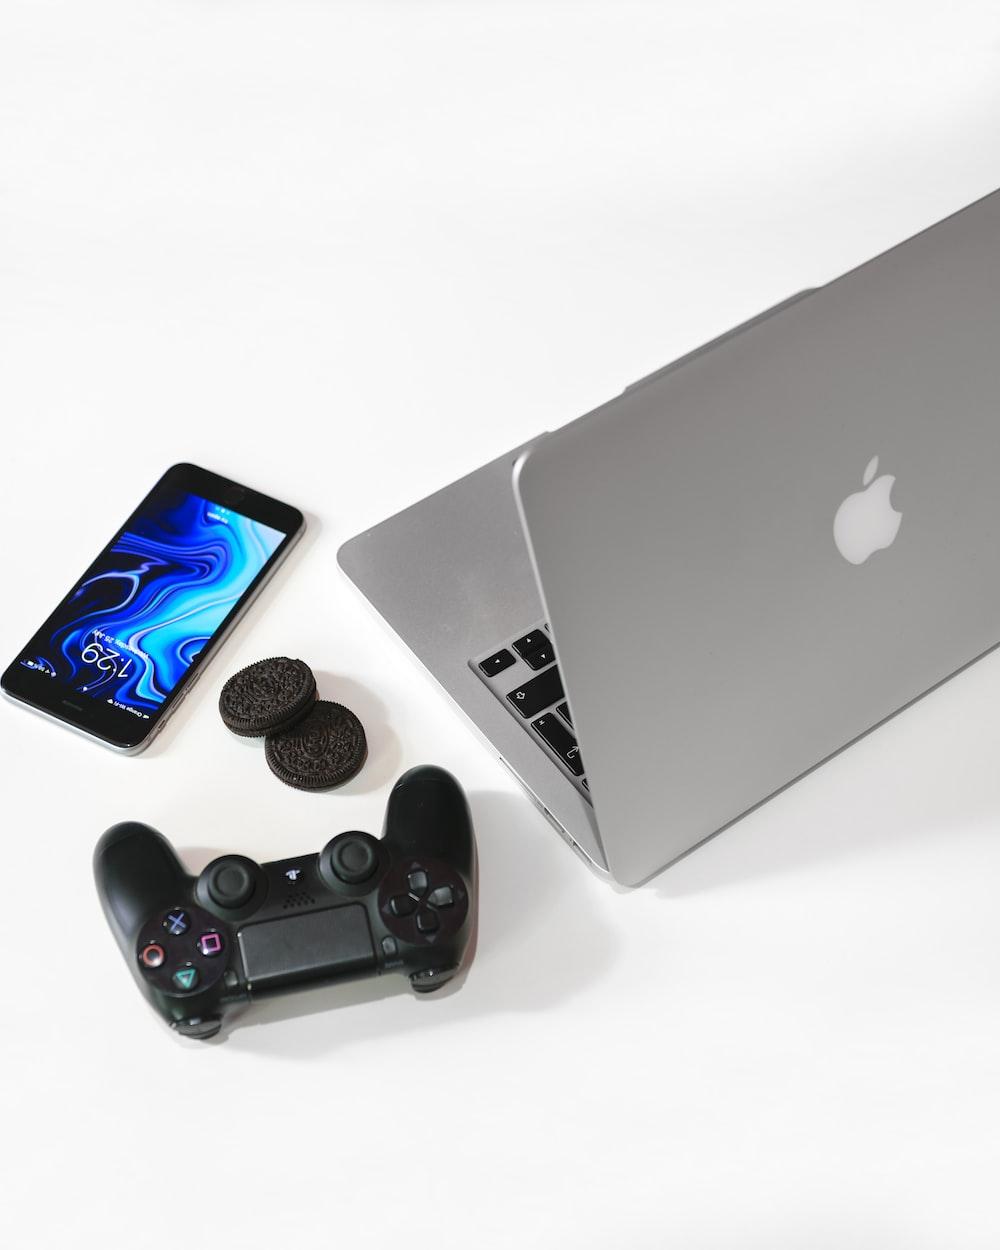 silver MacBook beside black Sony game pad